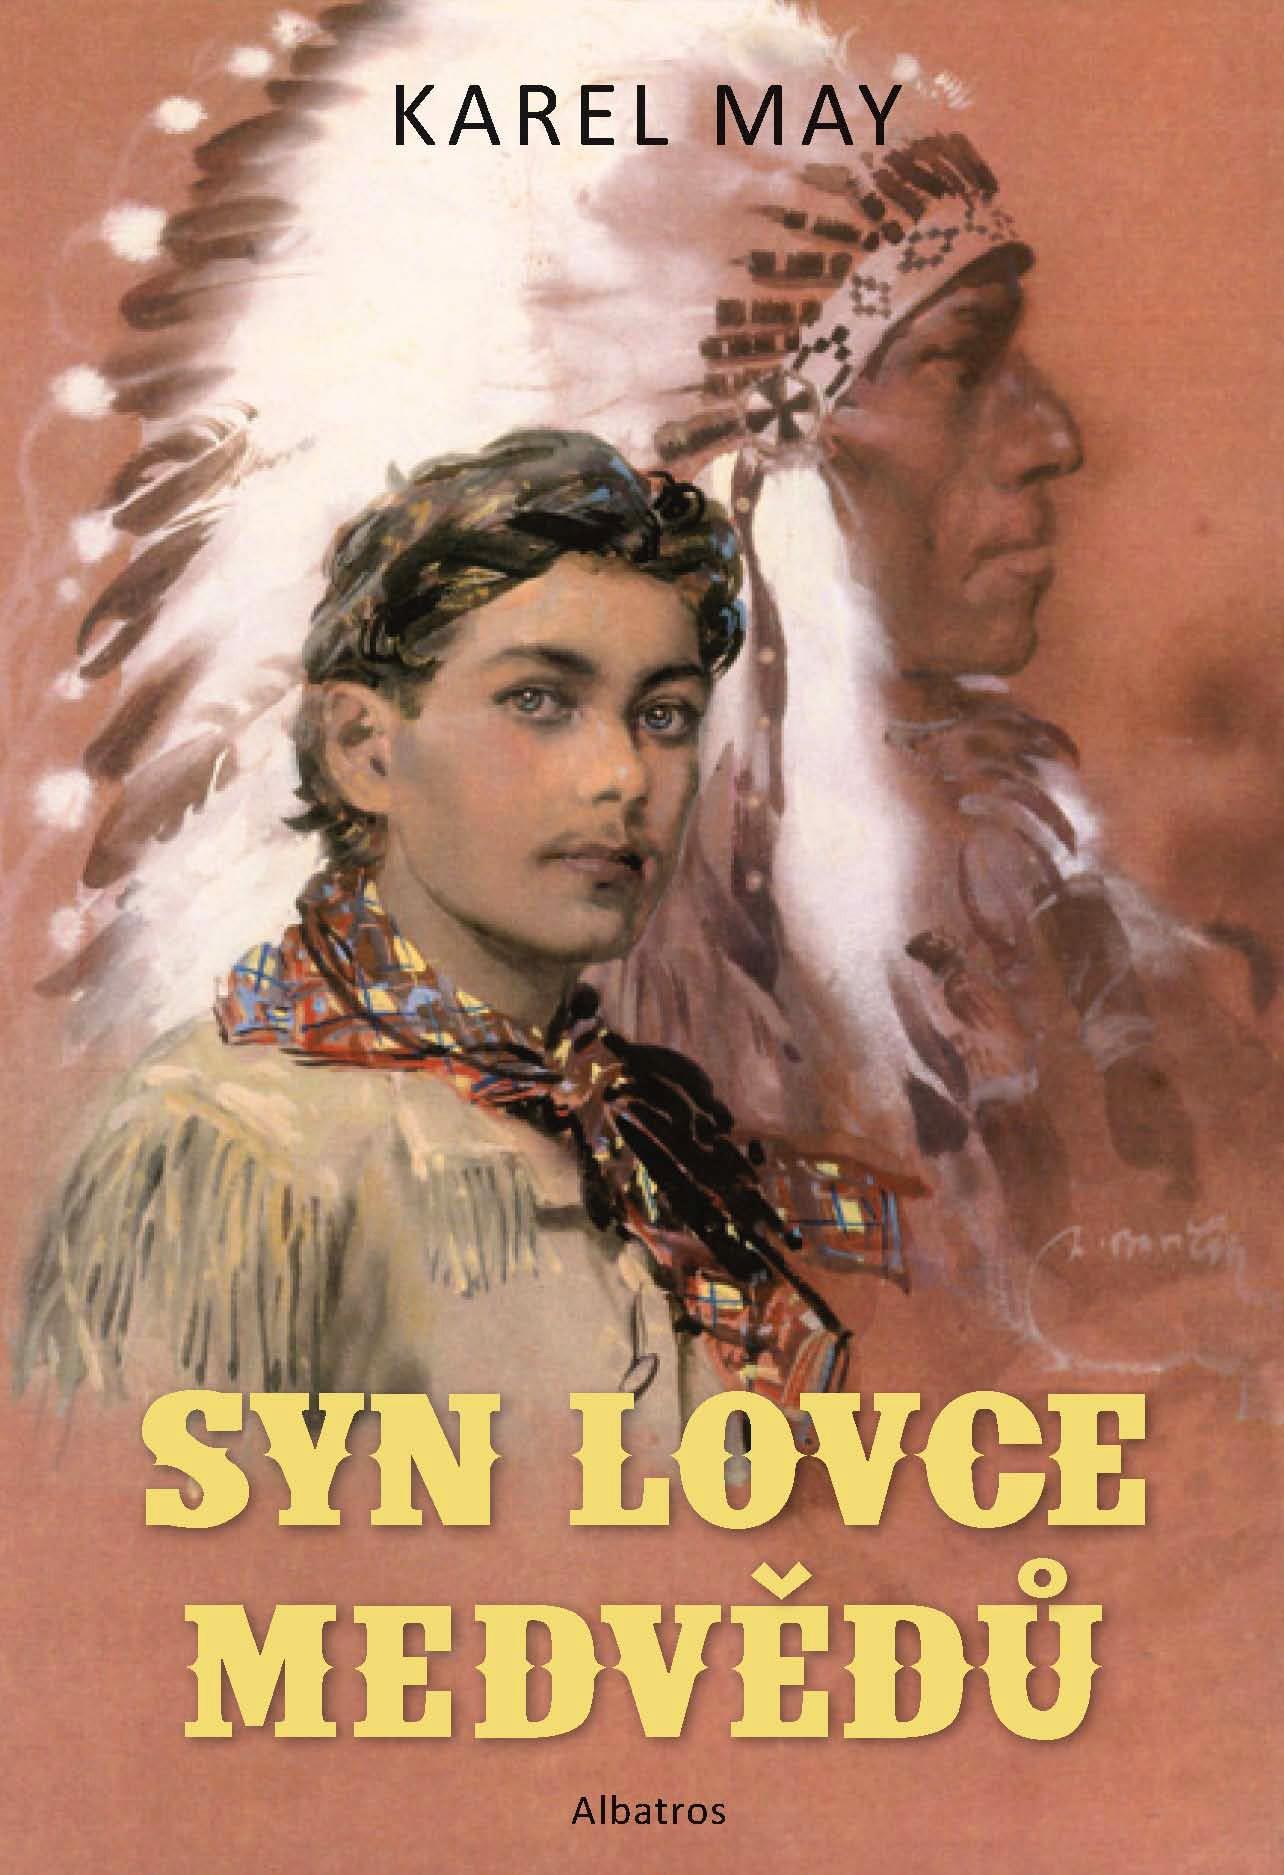 SYN LOVCE MEDVĚDŮ